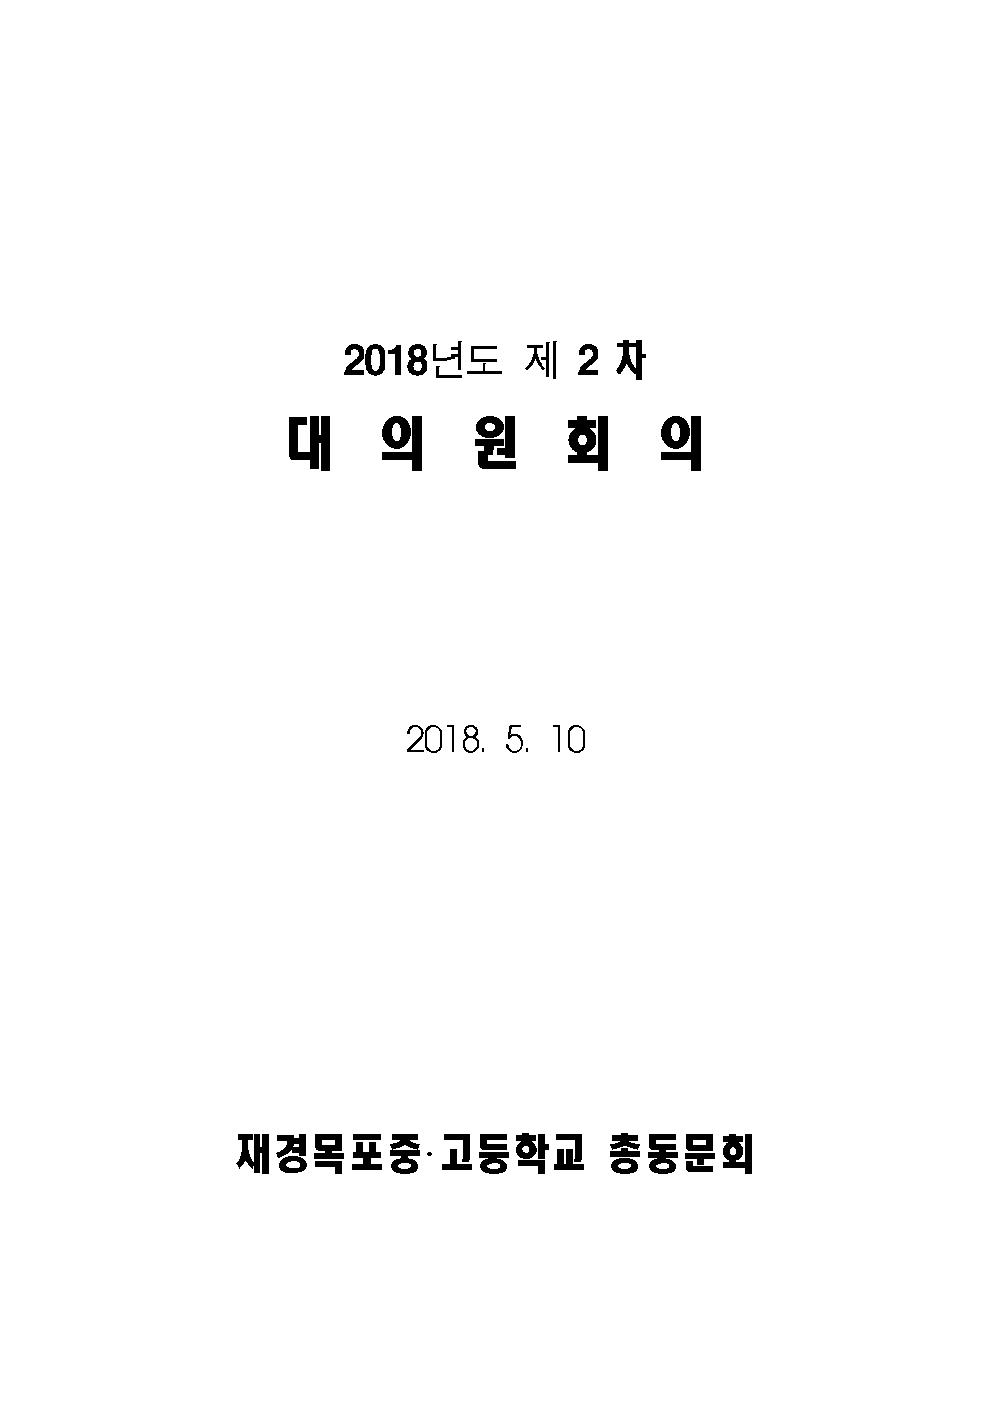 2018년도 제2차 대의원 회의 자료001.png